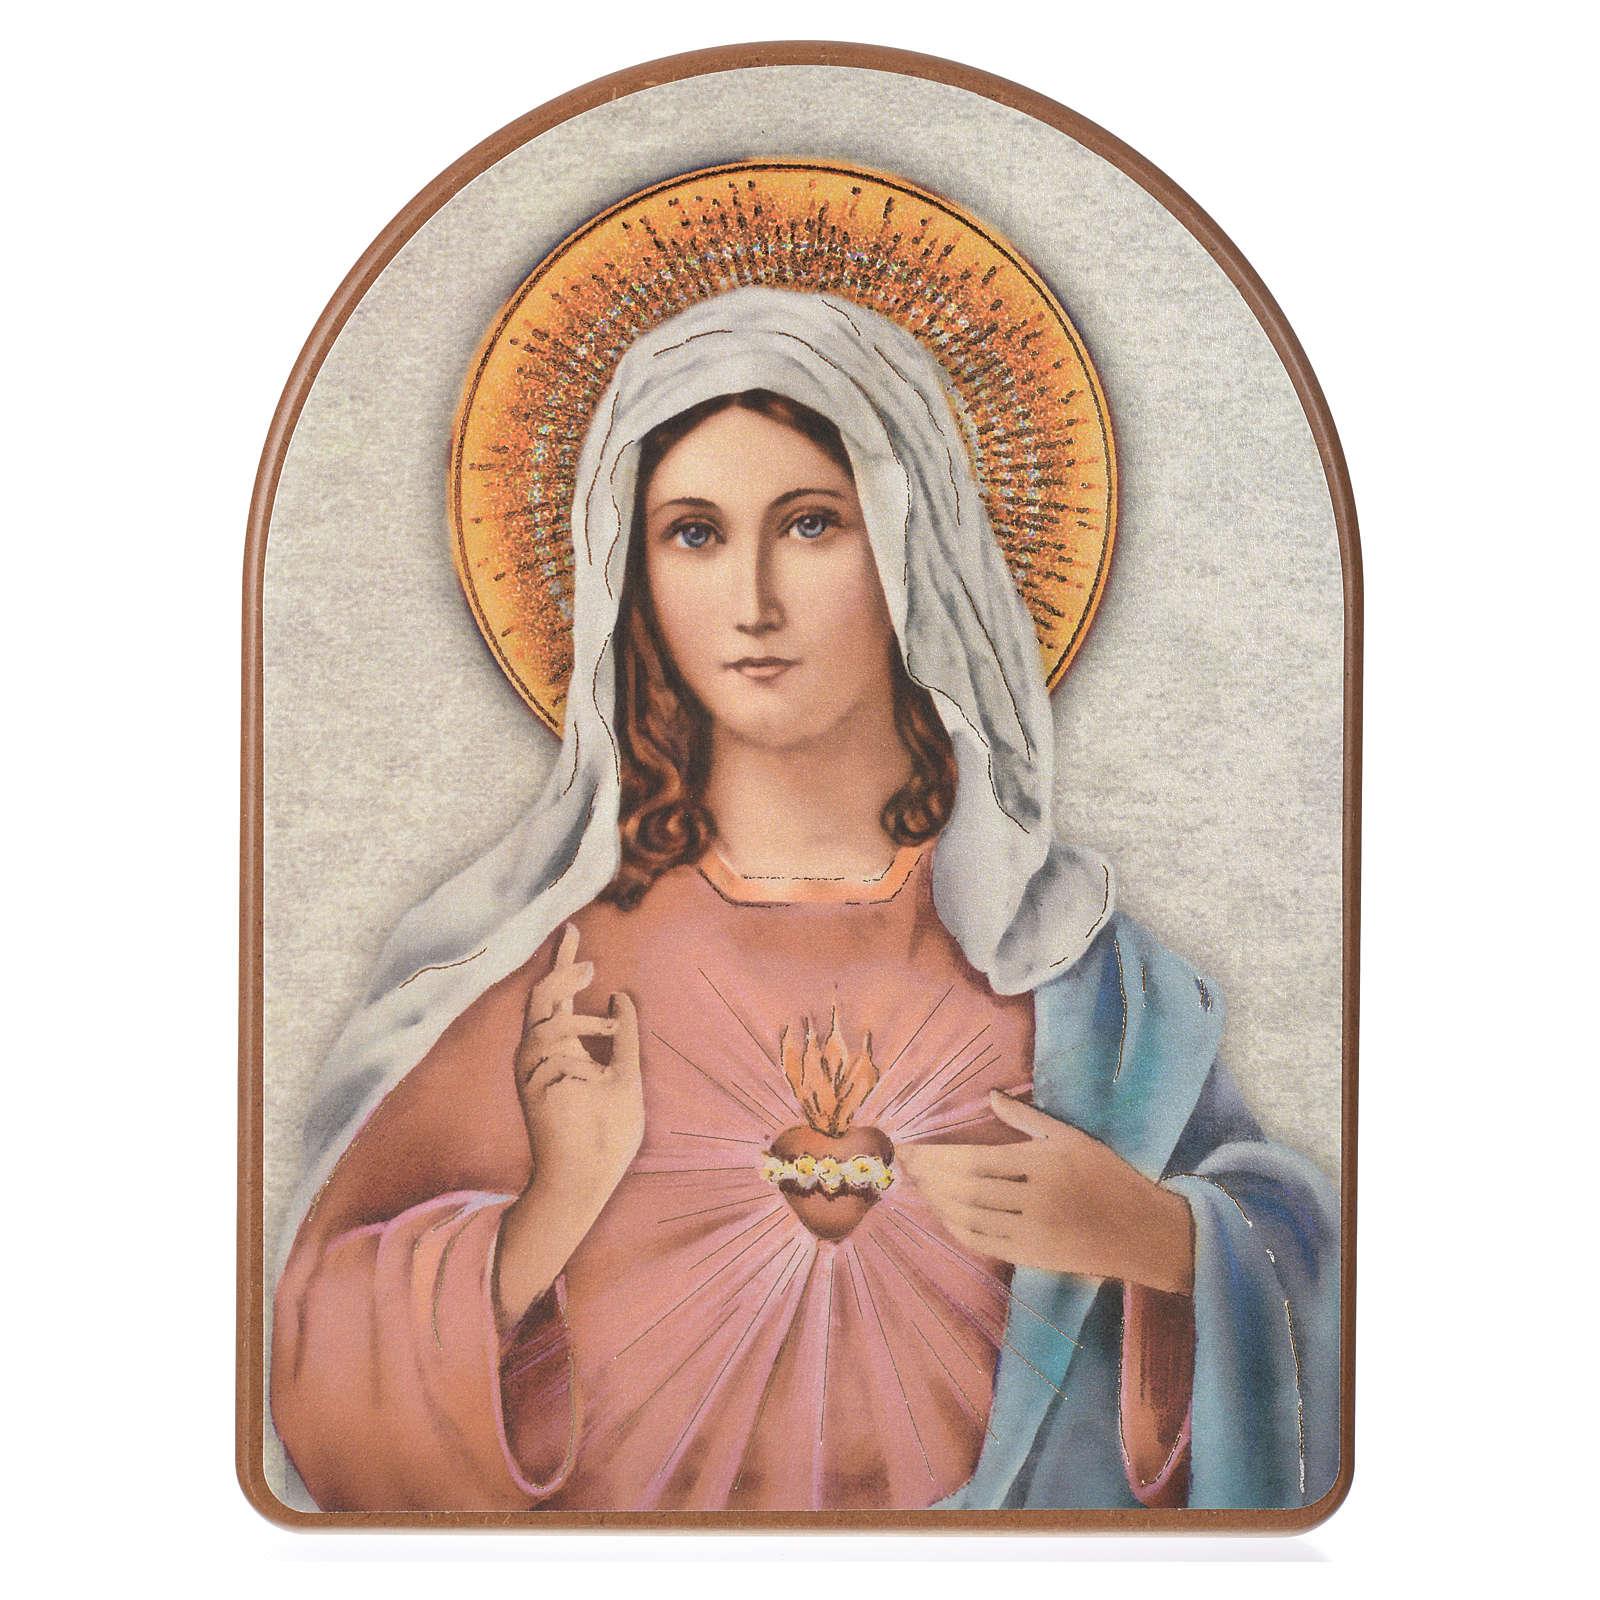 Stampa su legno 15x20cm Sacro Cuore Maria 3